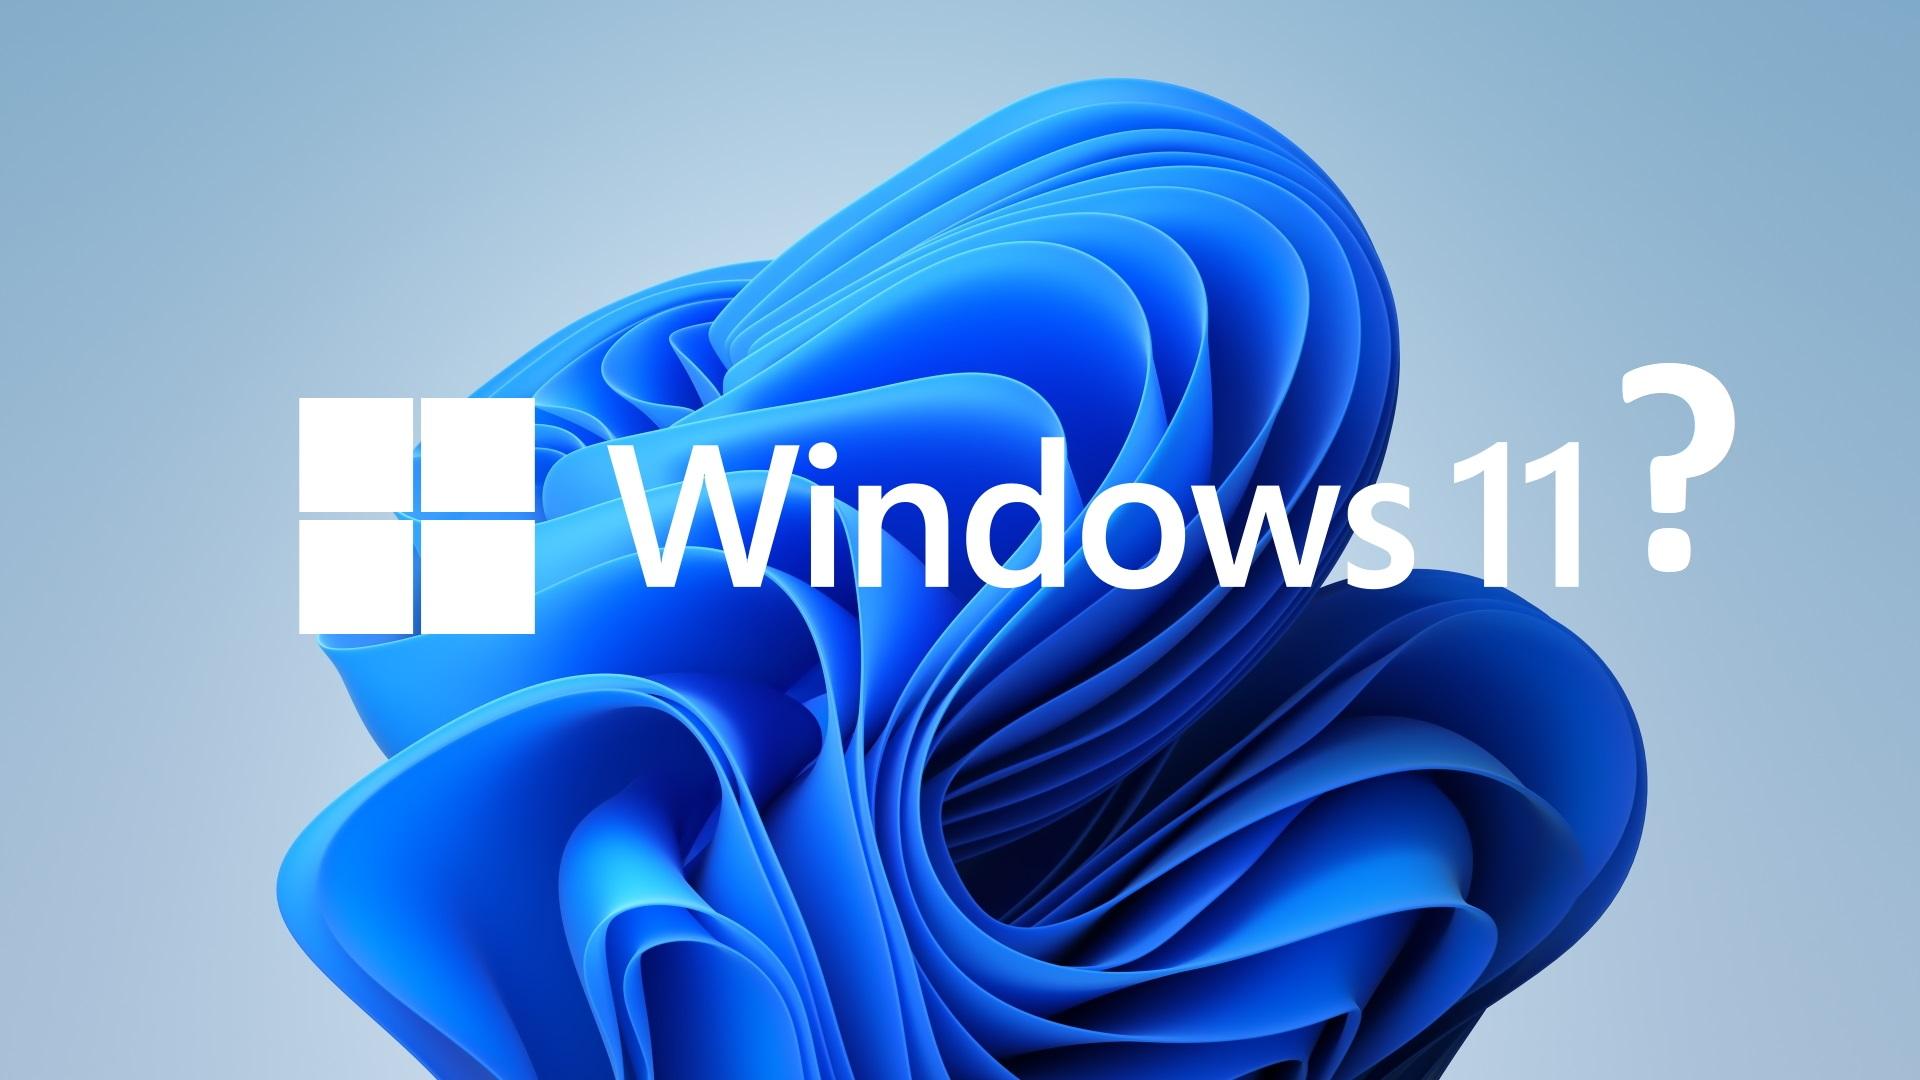 Что пользователи думают о Windows 11?